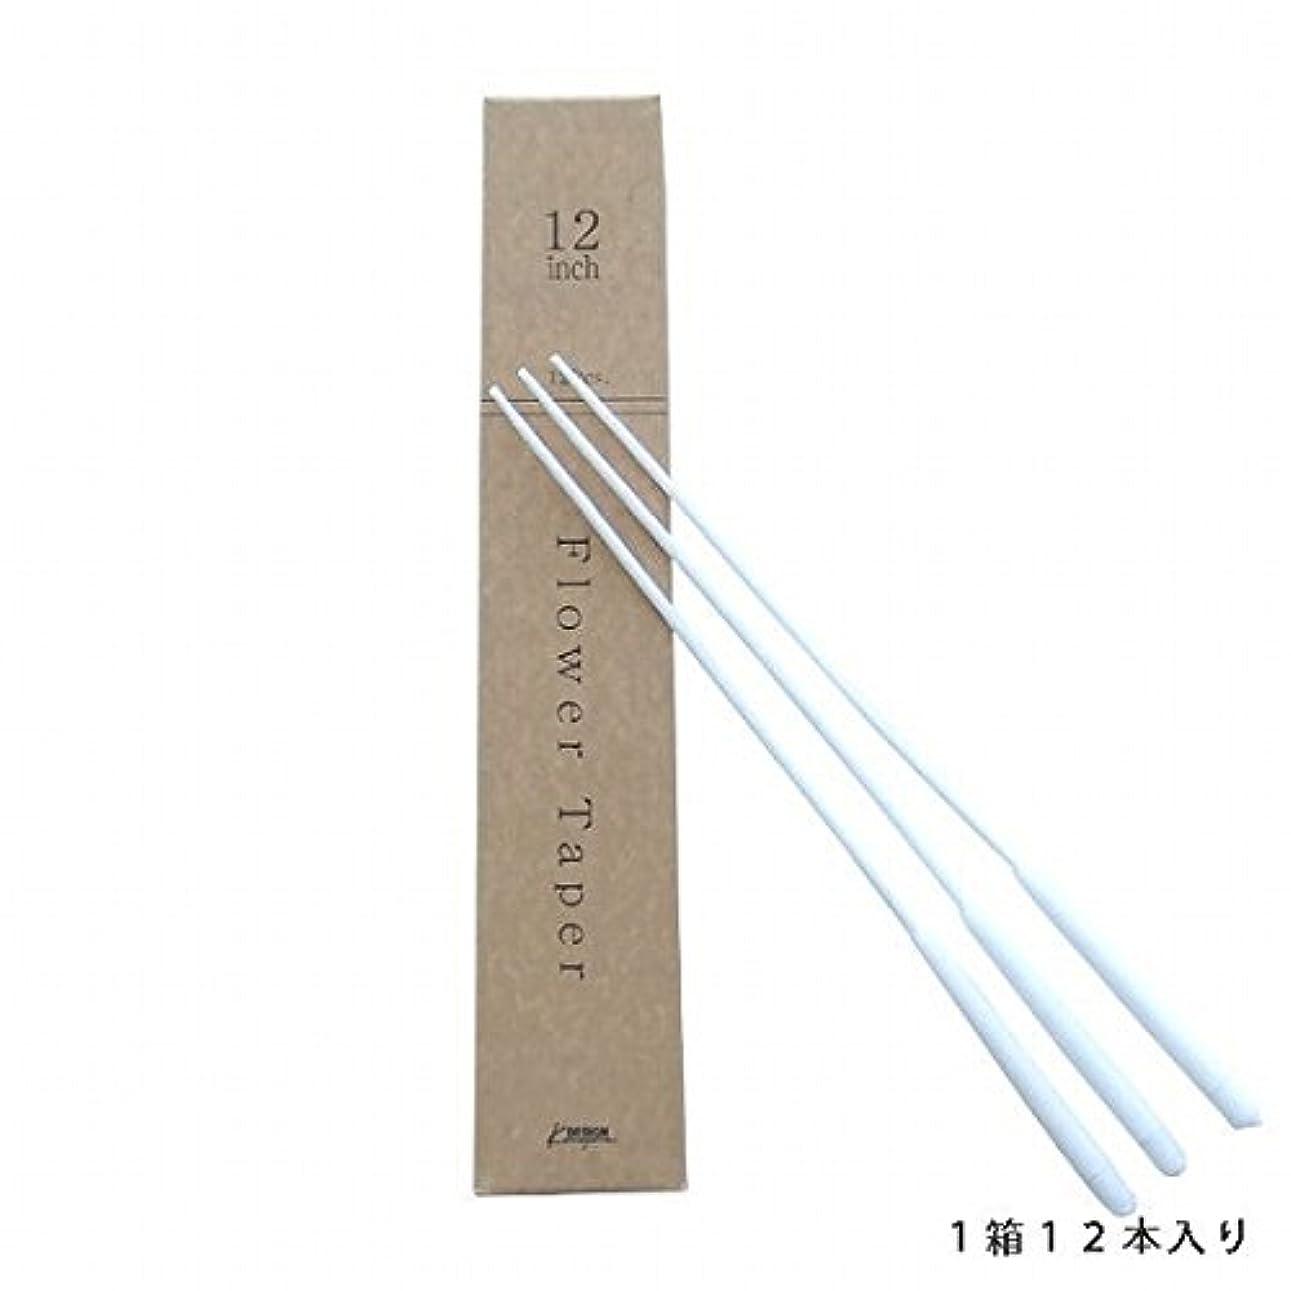 ダースこねる伝染病カメヤマキャンドル(kameyama candle) 12インチトーチ用フラワーテーパー12本入 「 ホワイト 」